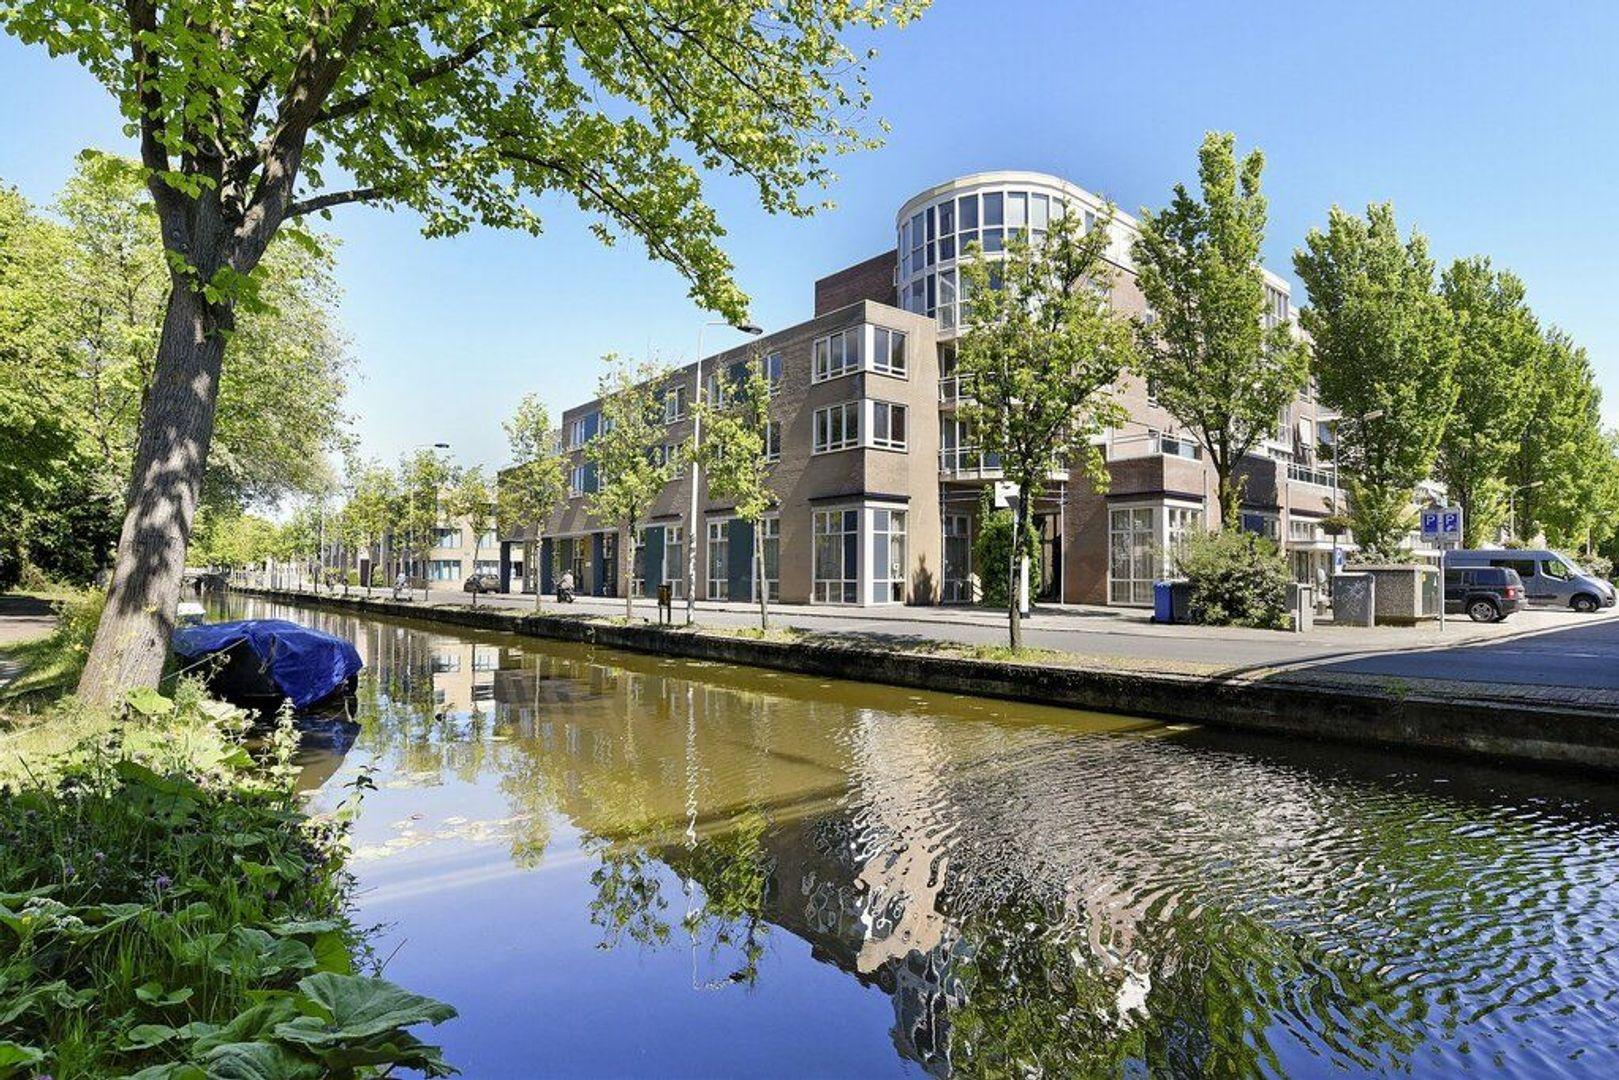 Letland 12, Delft foto-1